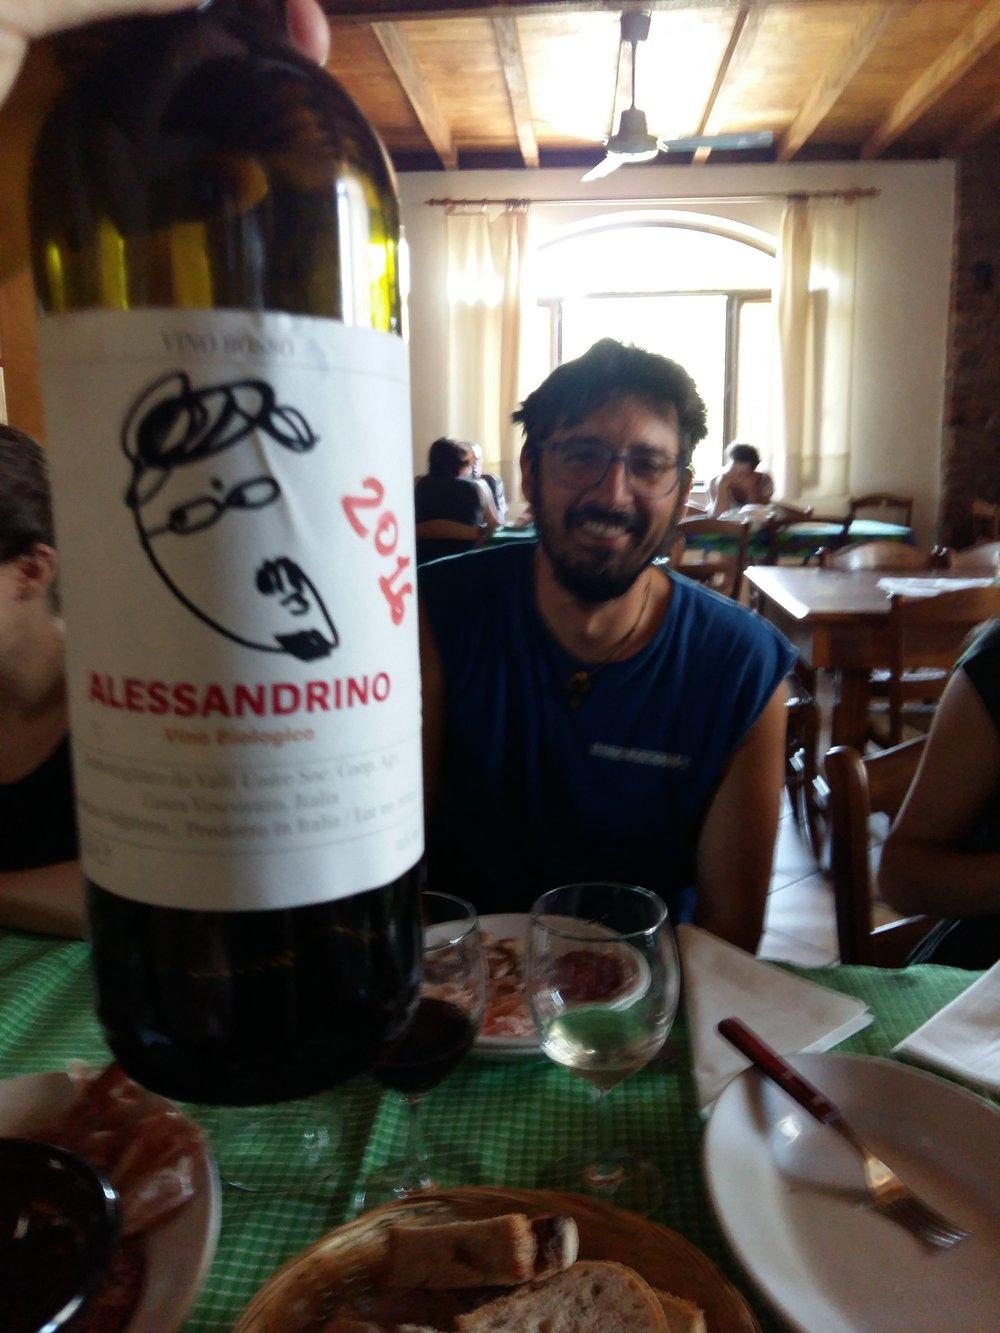 Alessandrino and Alessandro